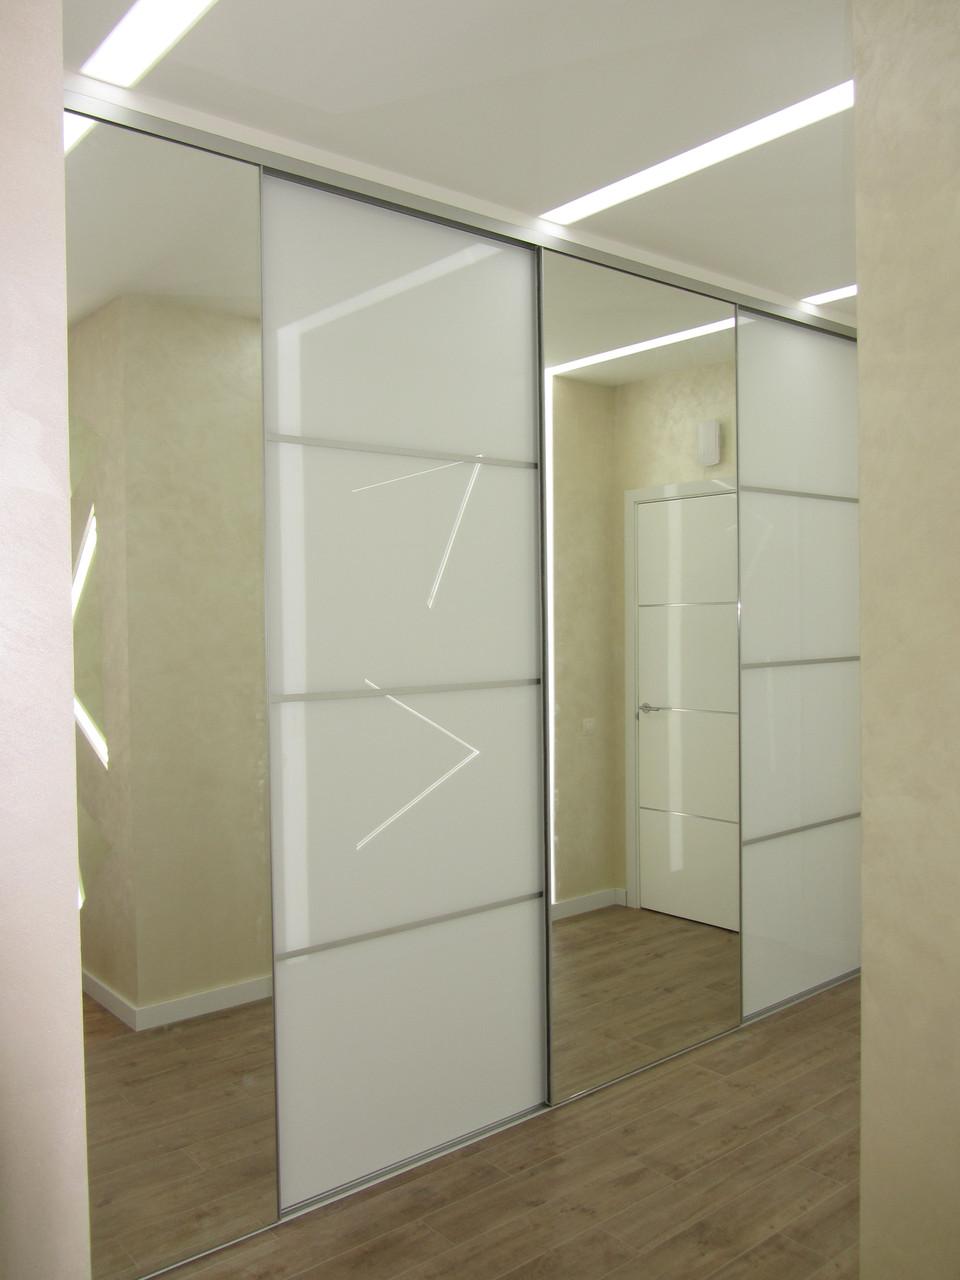 Туалет-душ для дачи своими руками пошаговая инструкция